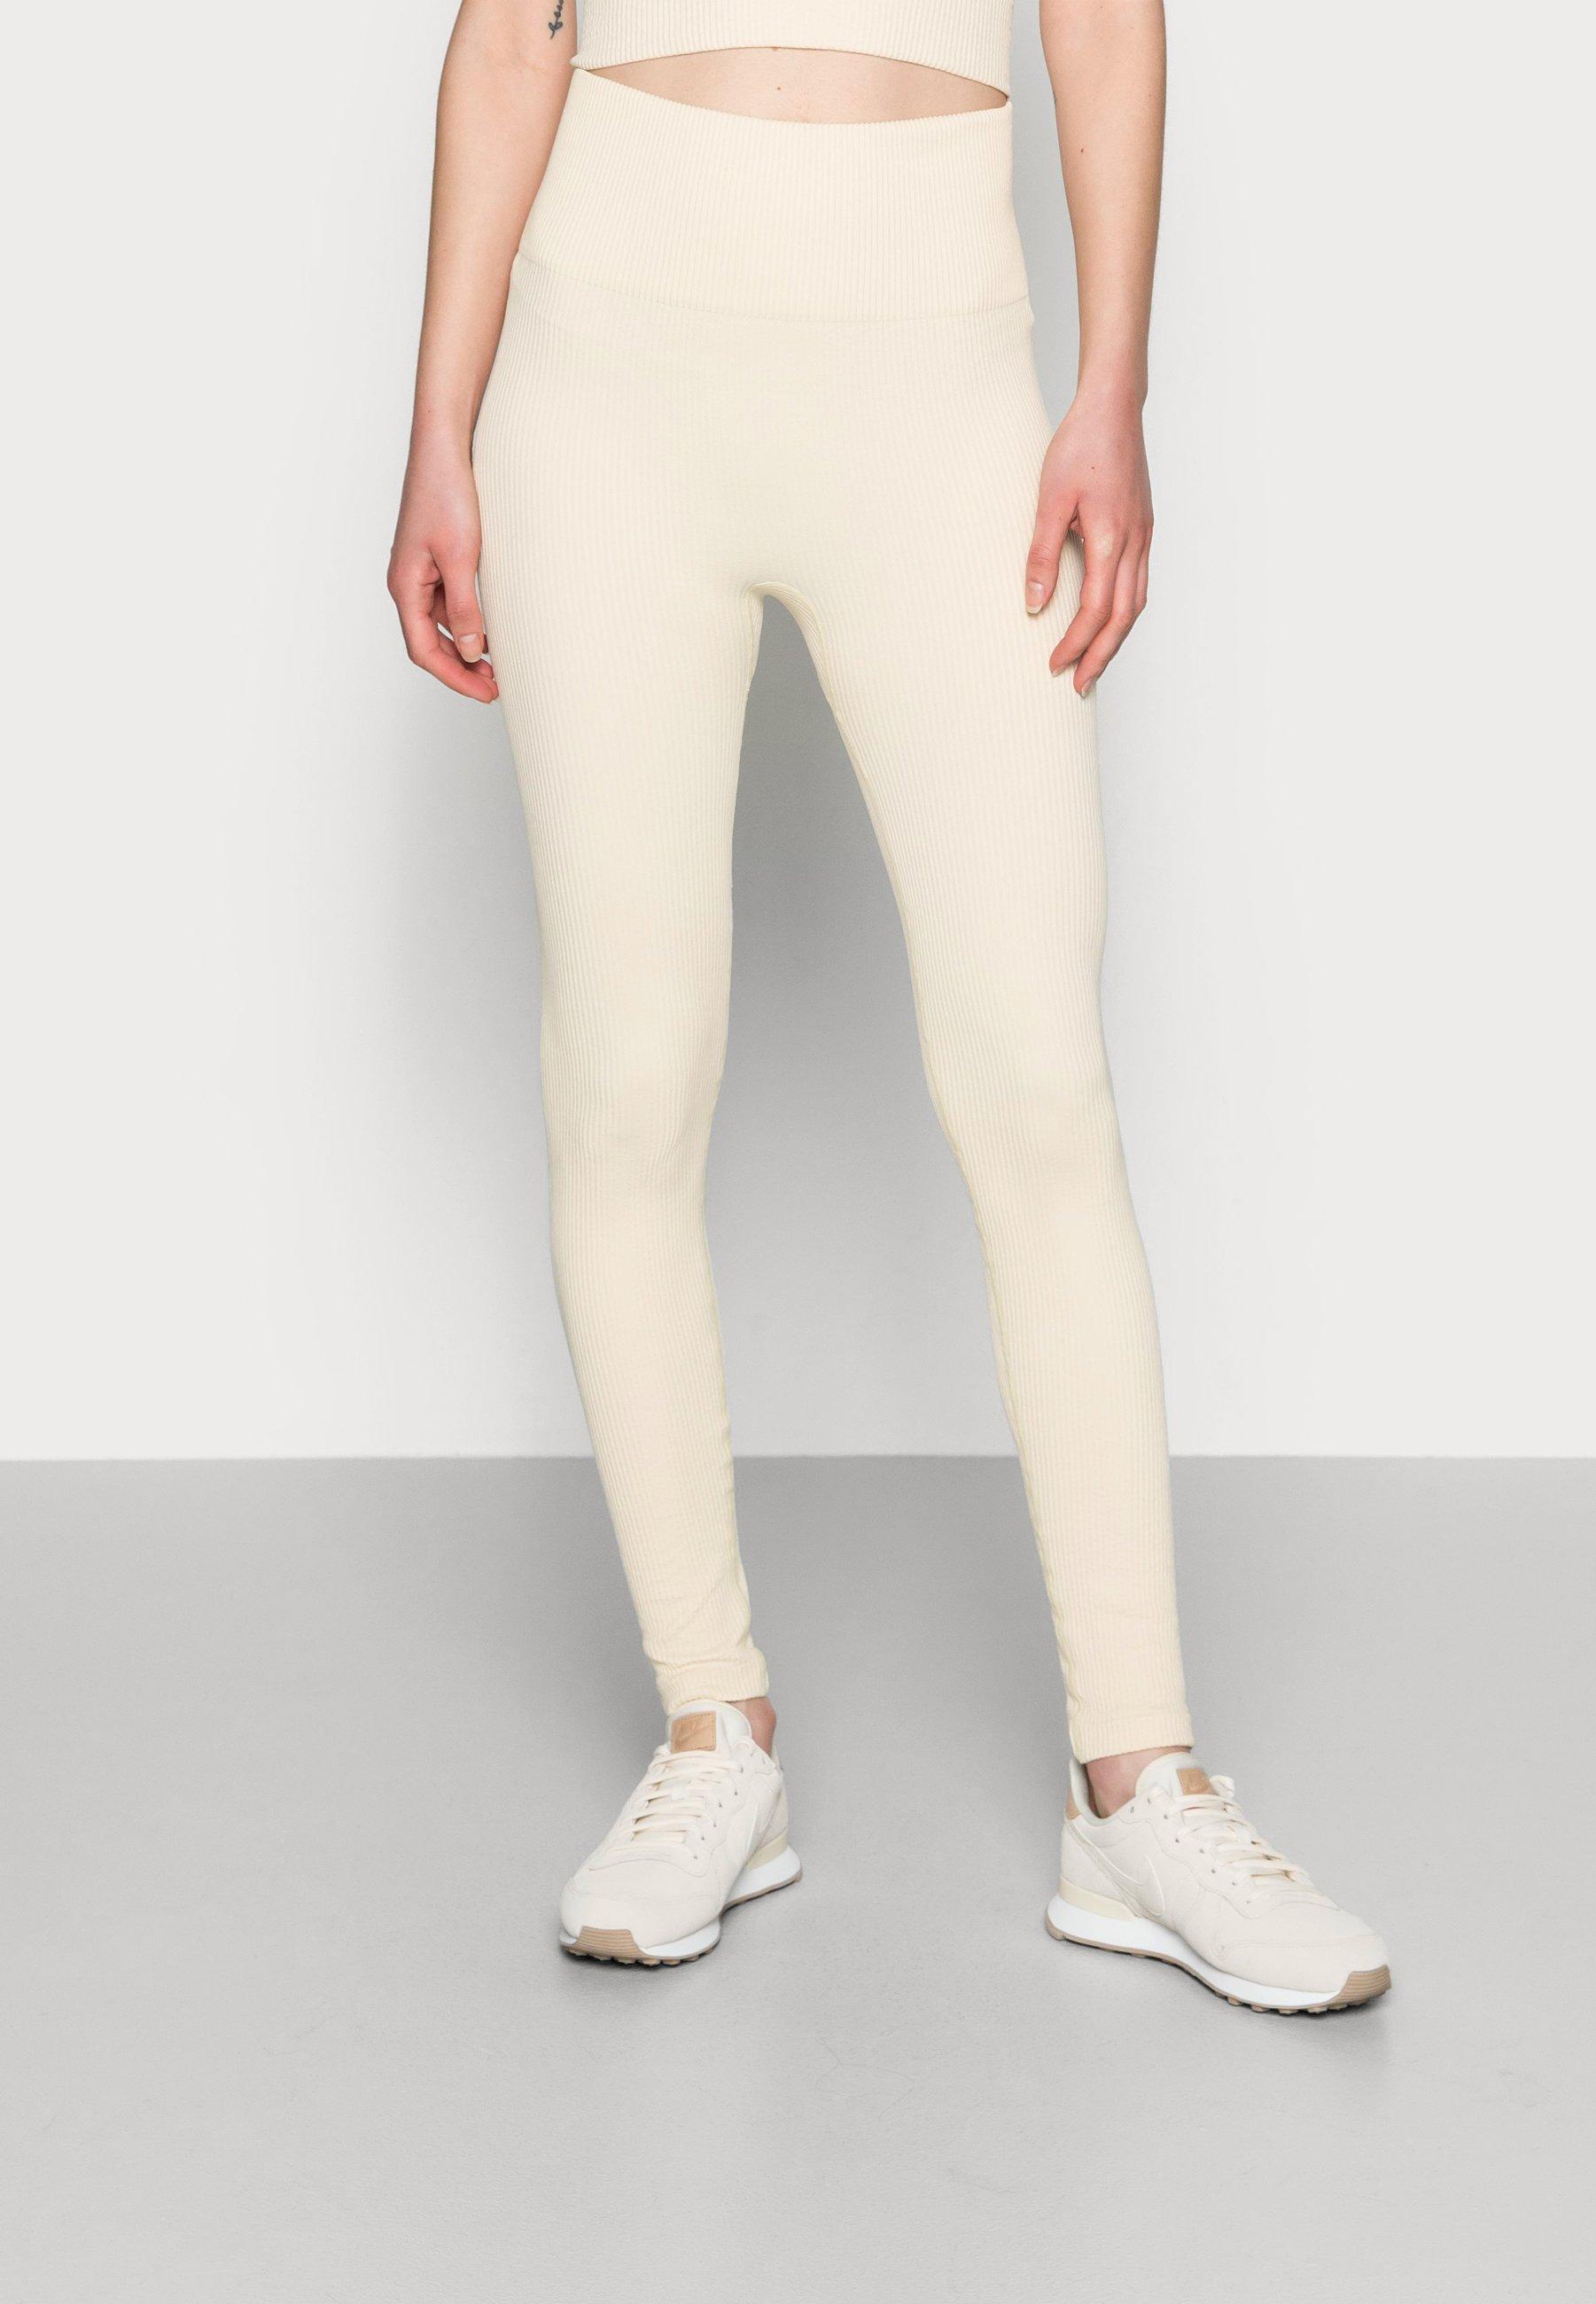 Damen CLIO - Leggings - Hosen